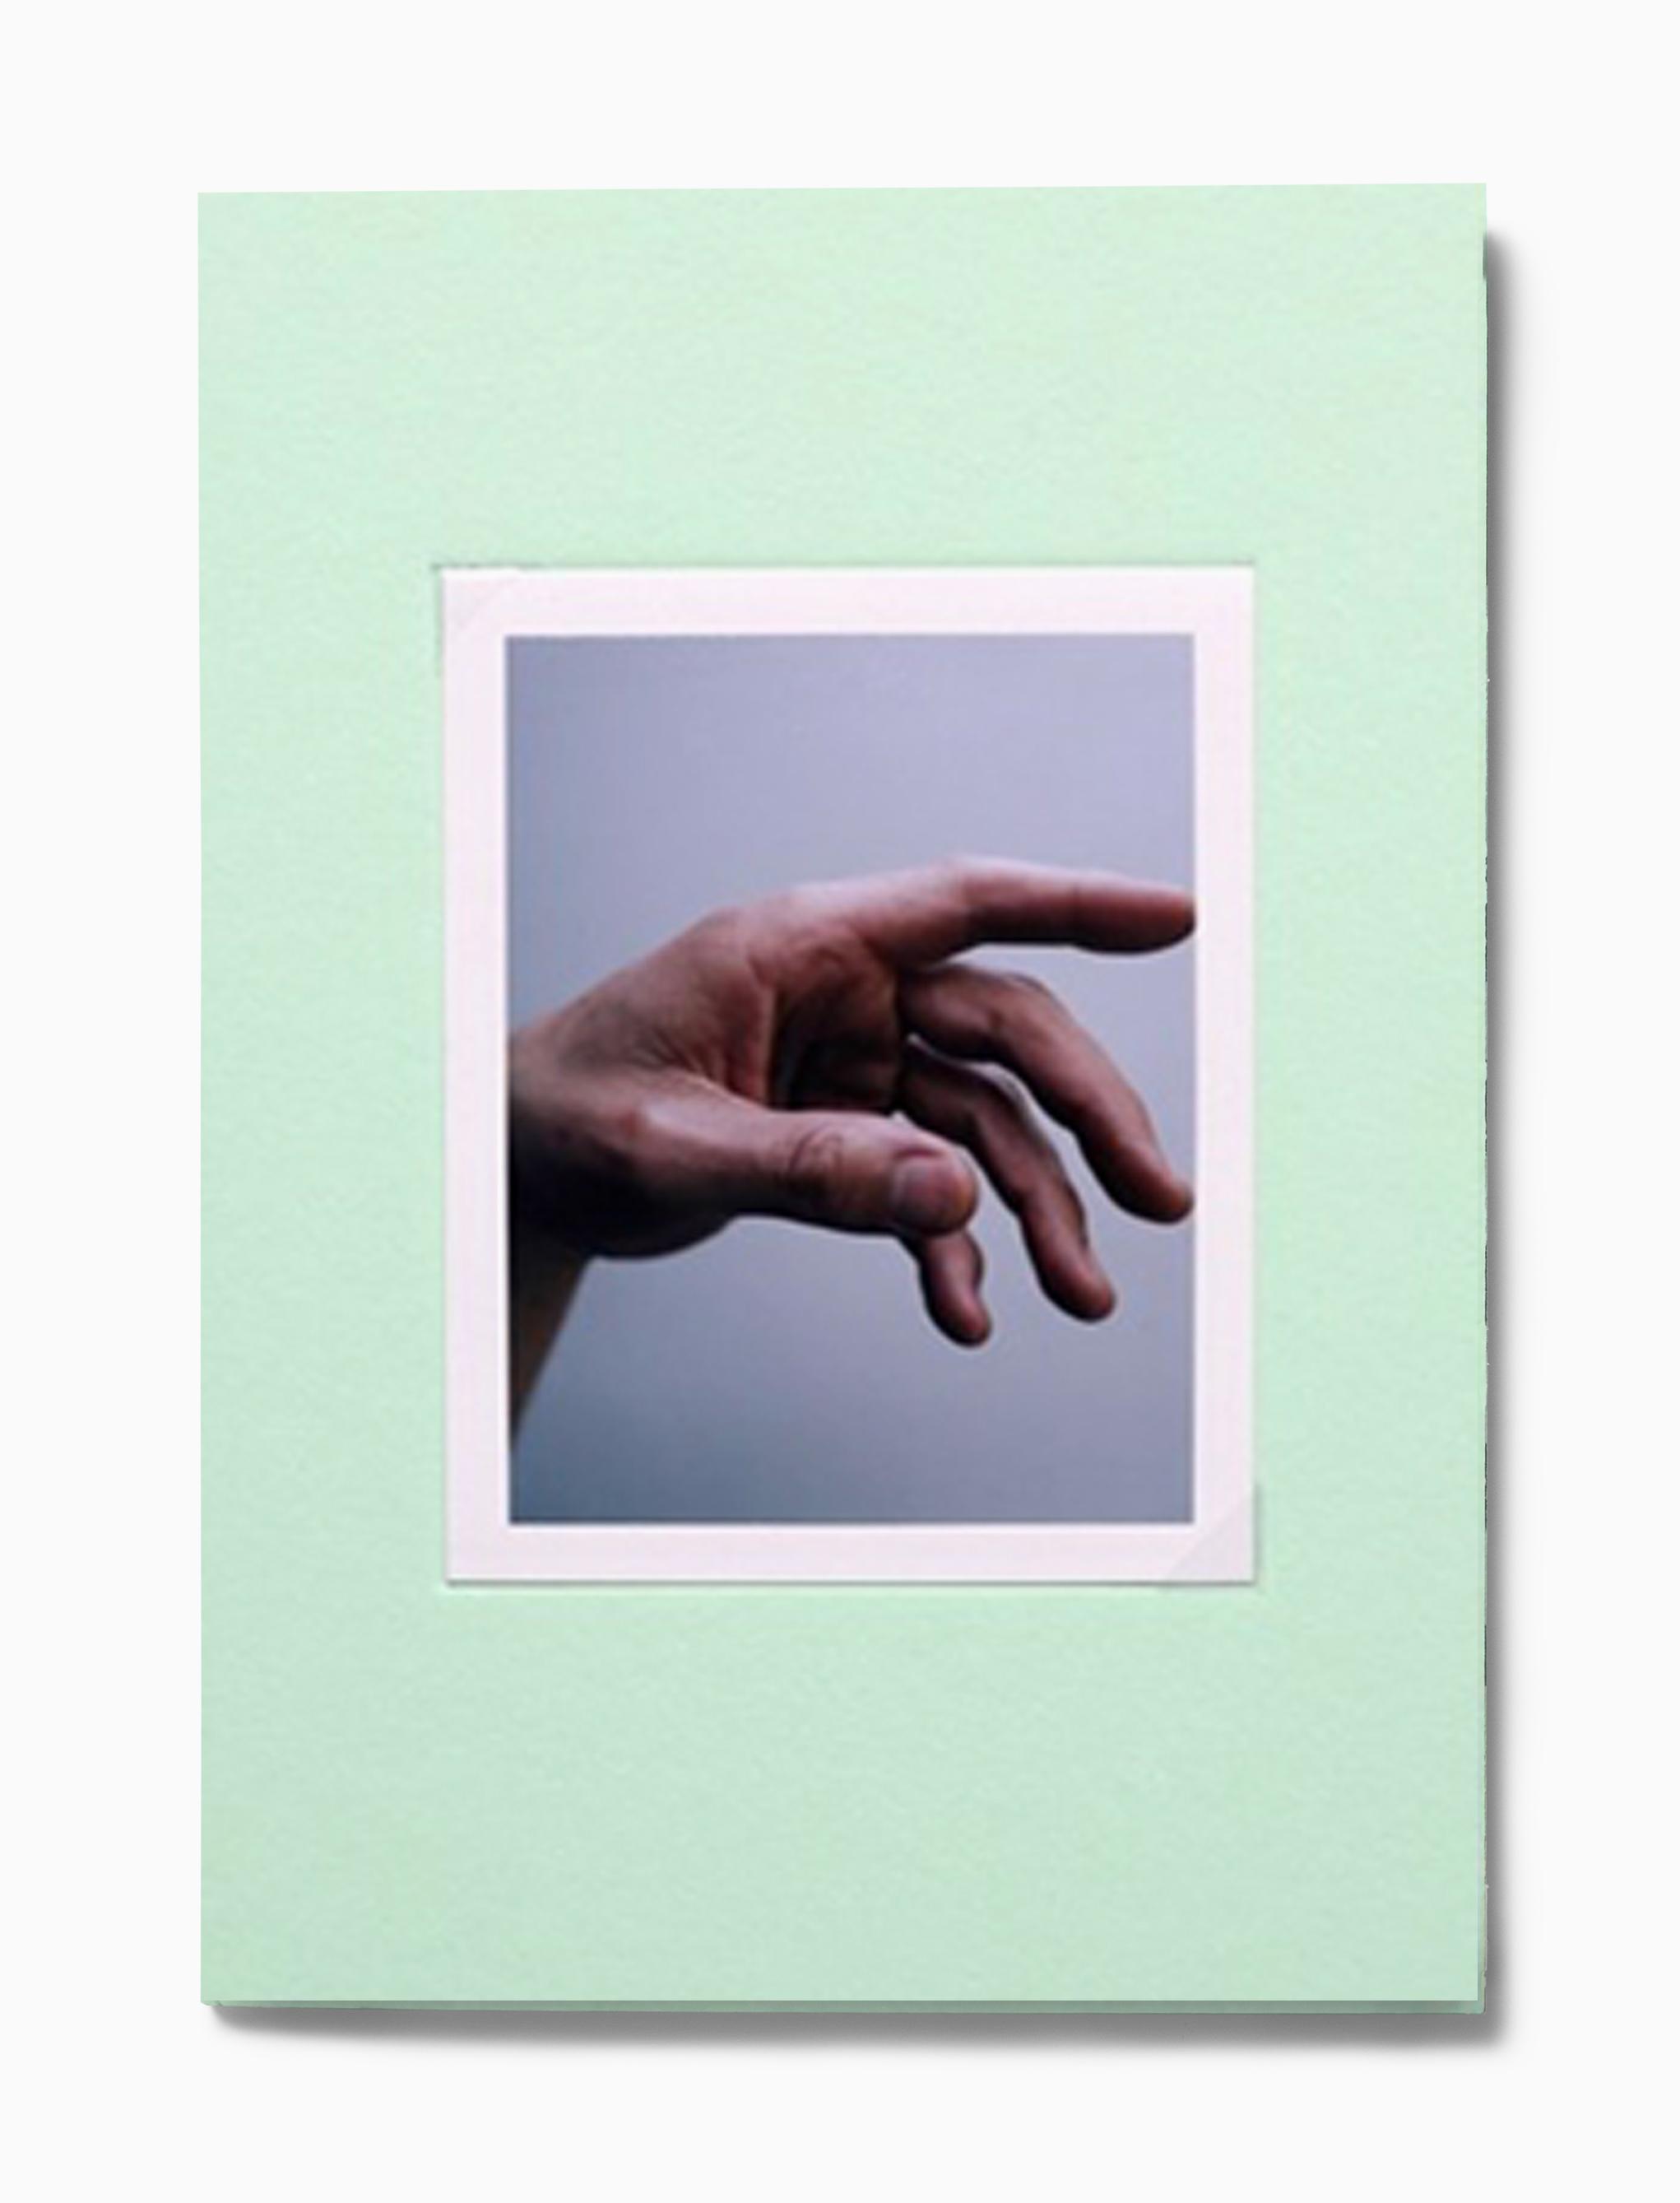 SPBH Book Club Vol. 1  Self Publish, Be Happy, July 2012